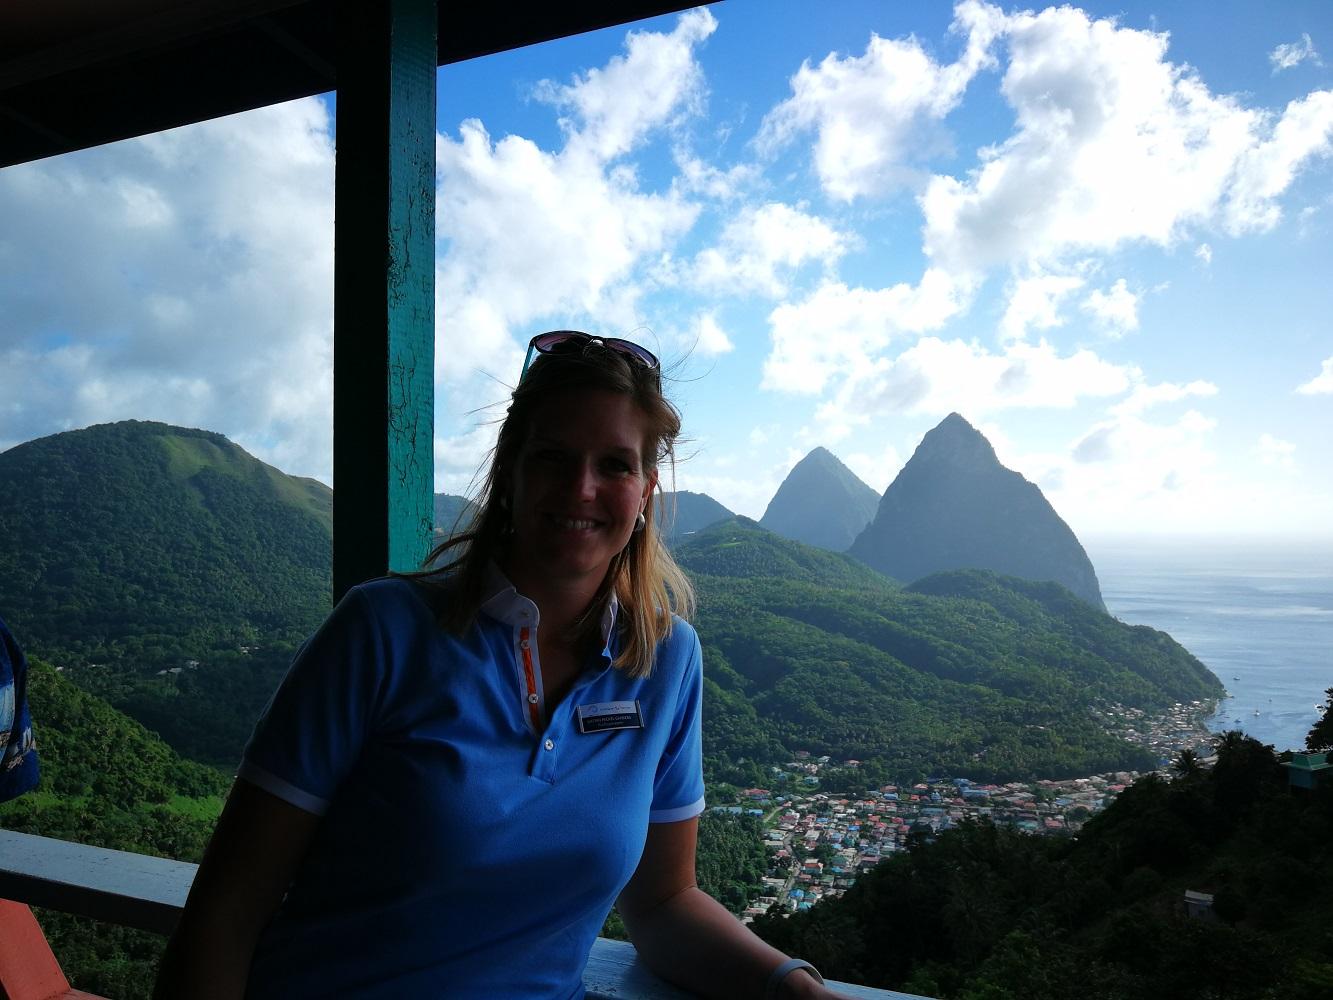 Mein Schiff Ausflug: Die Pitons vom Aussichtspunkt aus auf St. Lucia